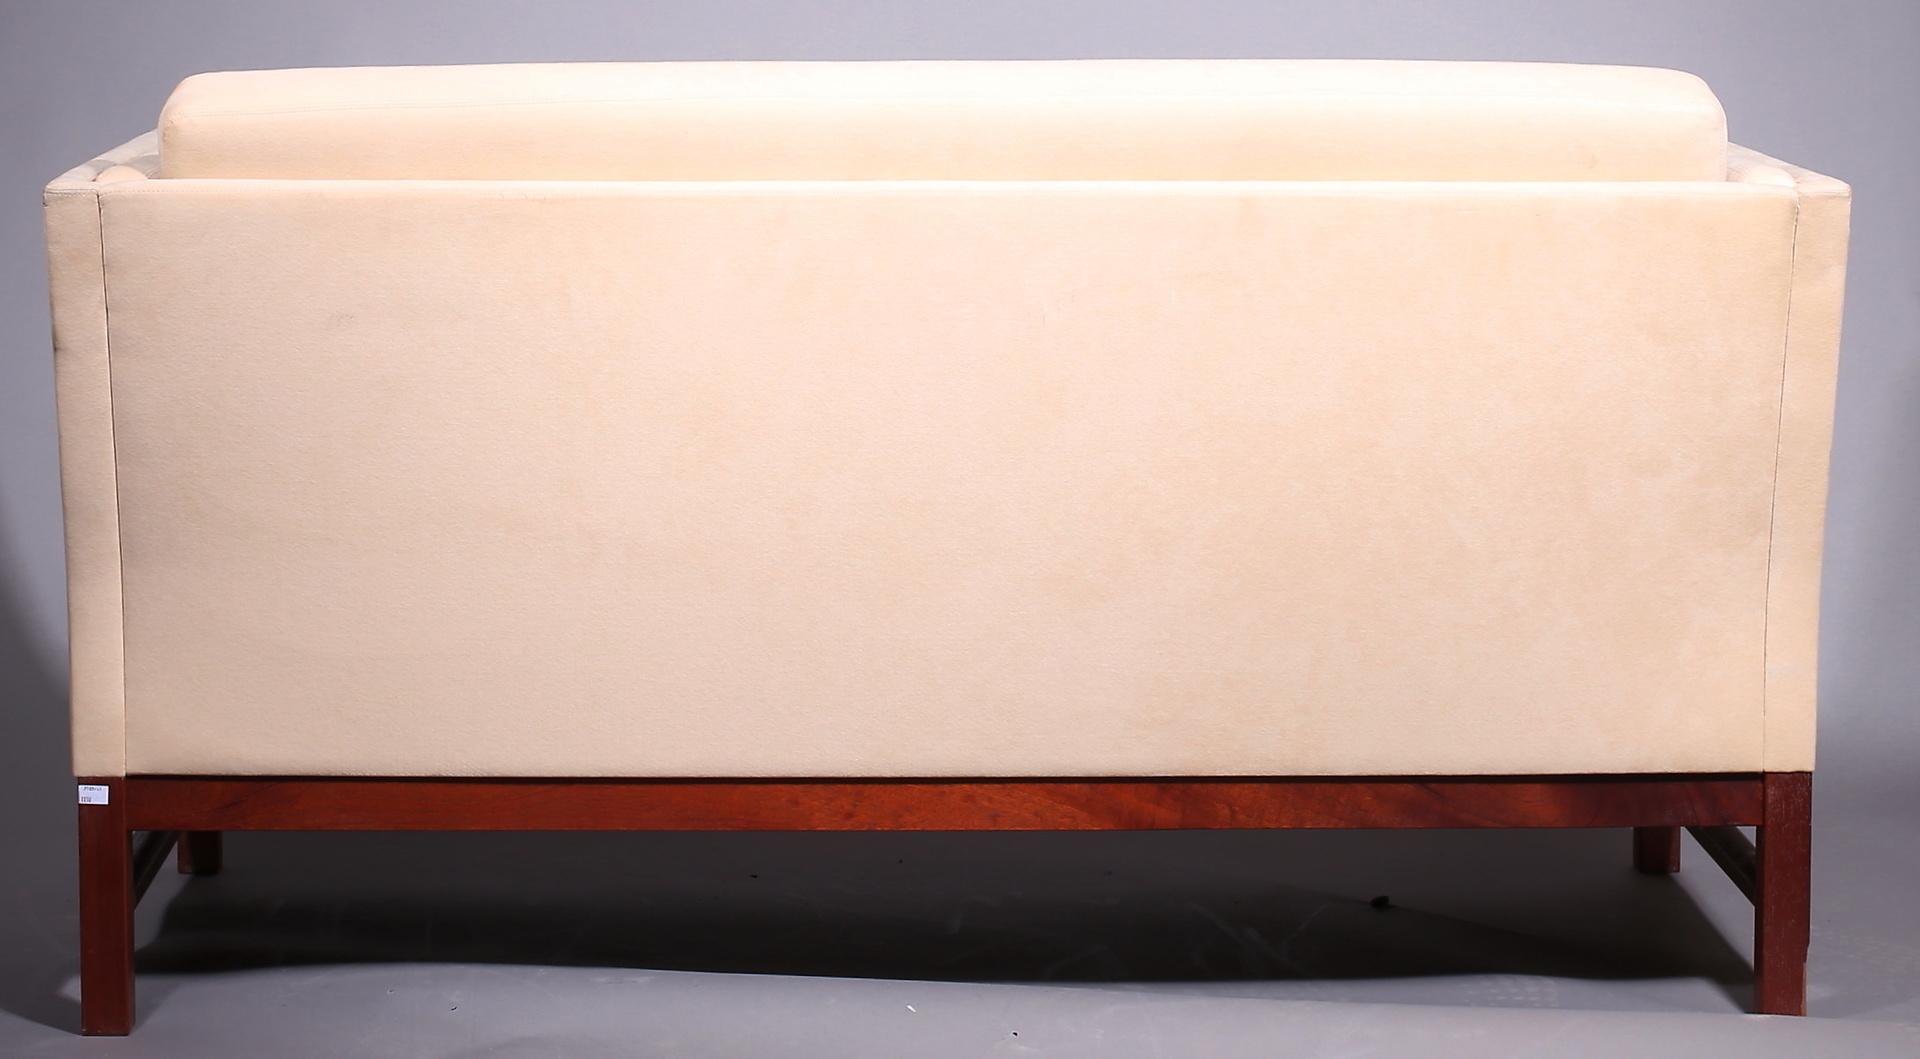 bilder f r 574004 sofa erik ole j rgensen ej 315 auctionet. Black Bedroom Furniture Sets. Home Design Ideas